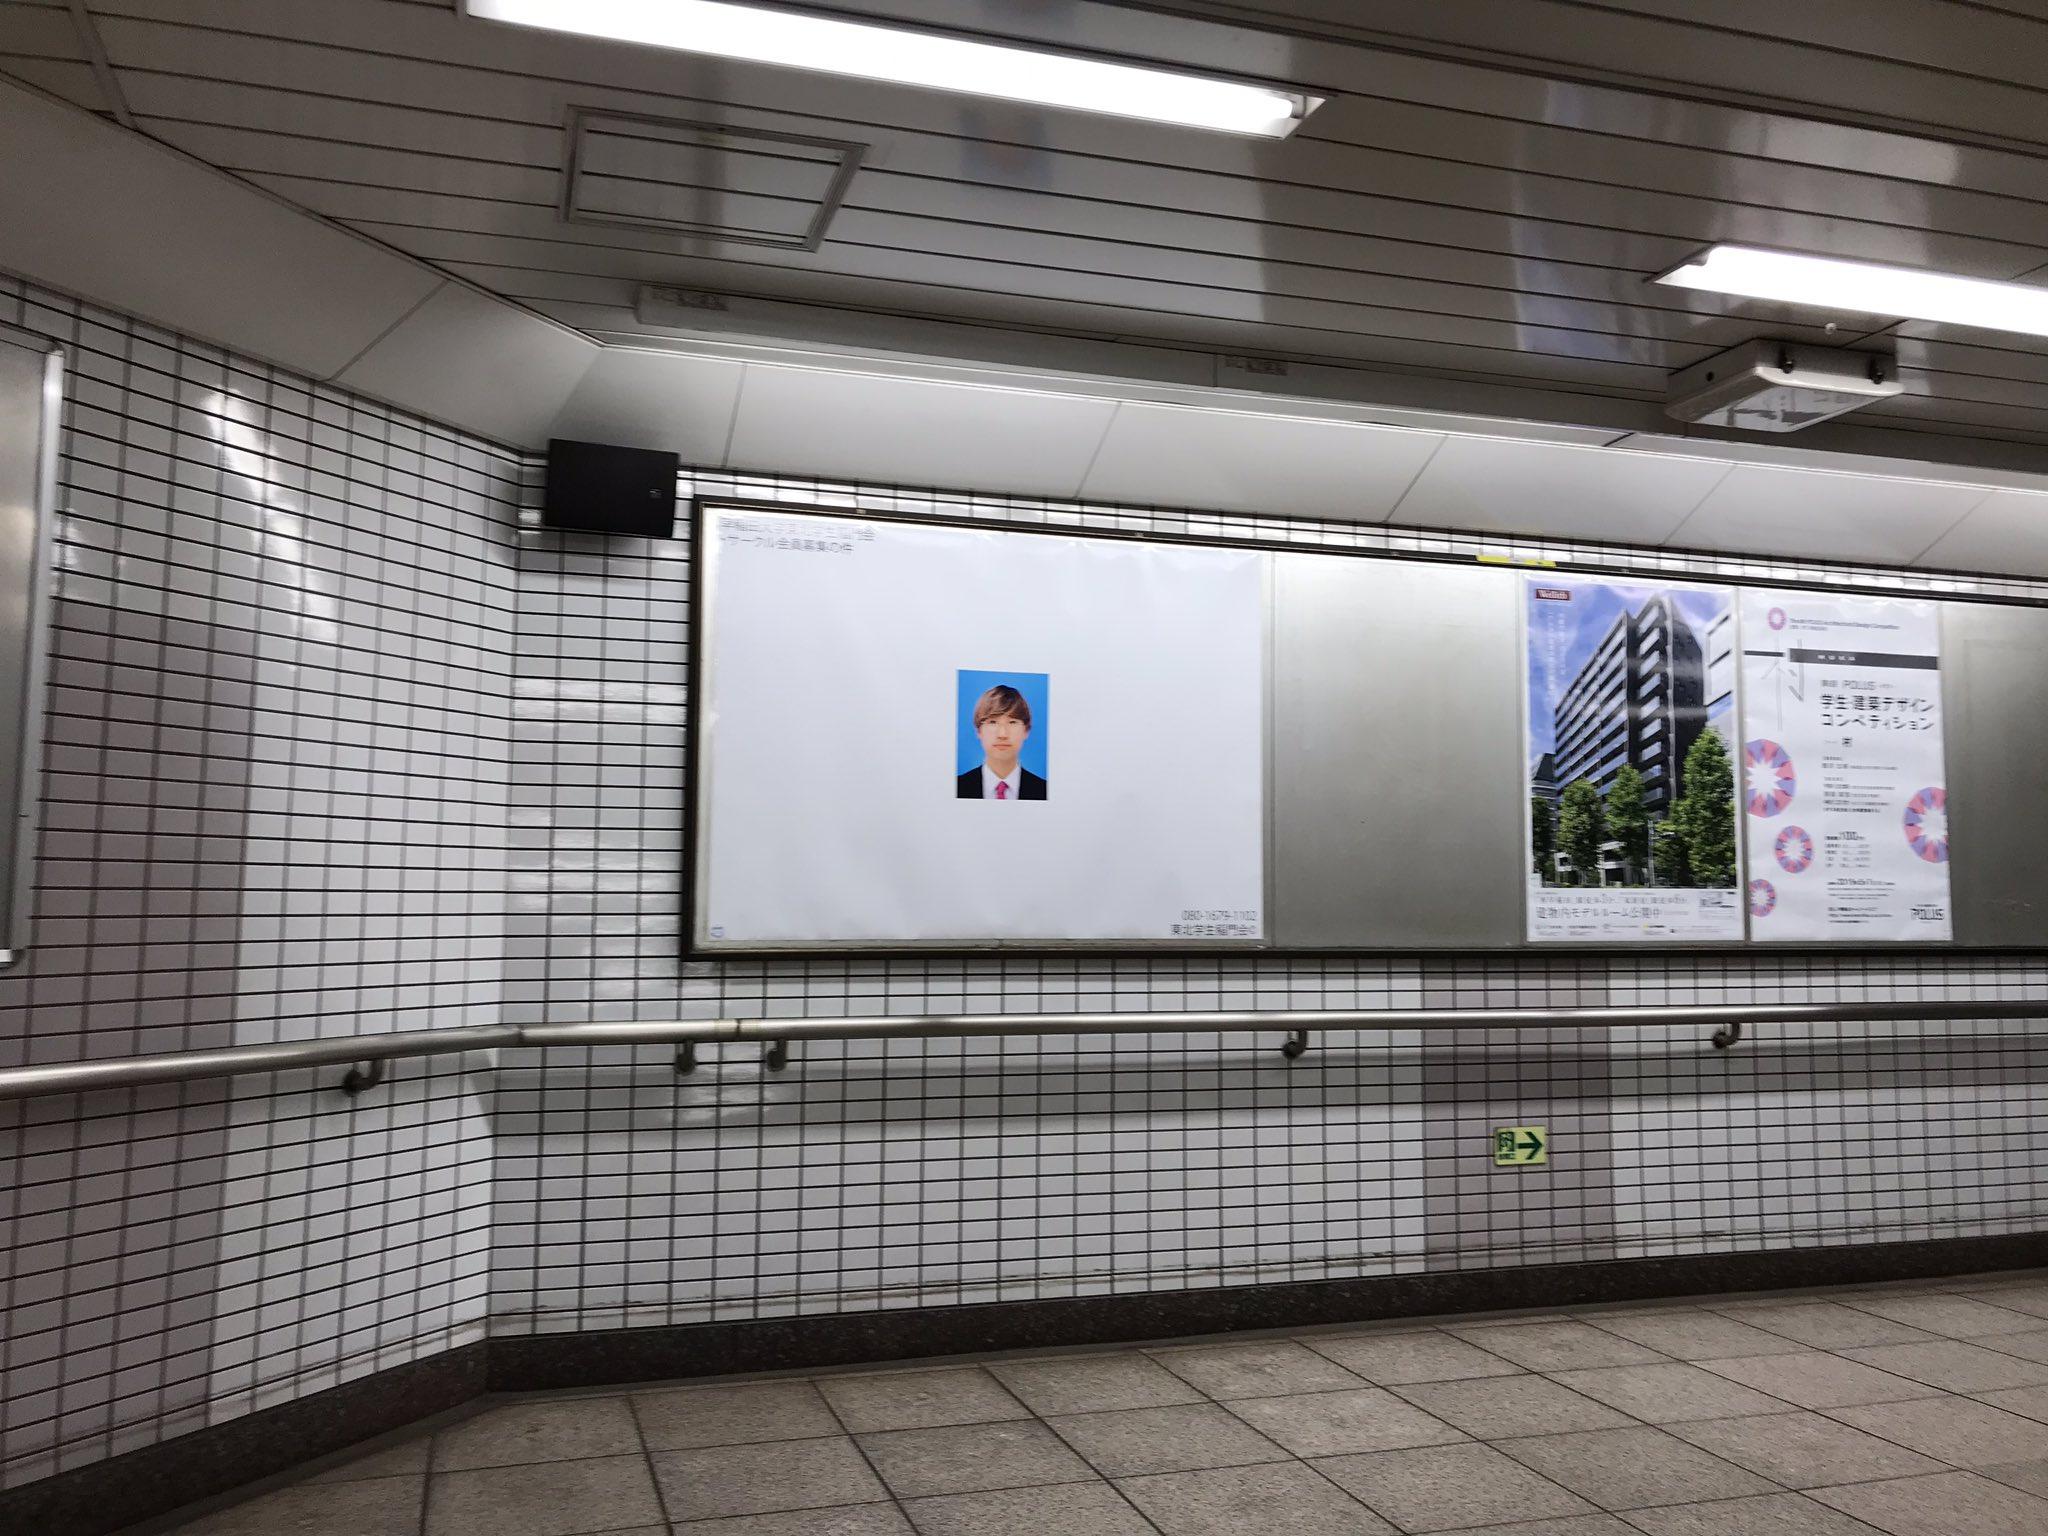 駅中に証明写真!?www印刷データを間違えた結果www